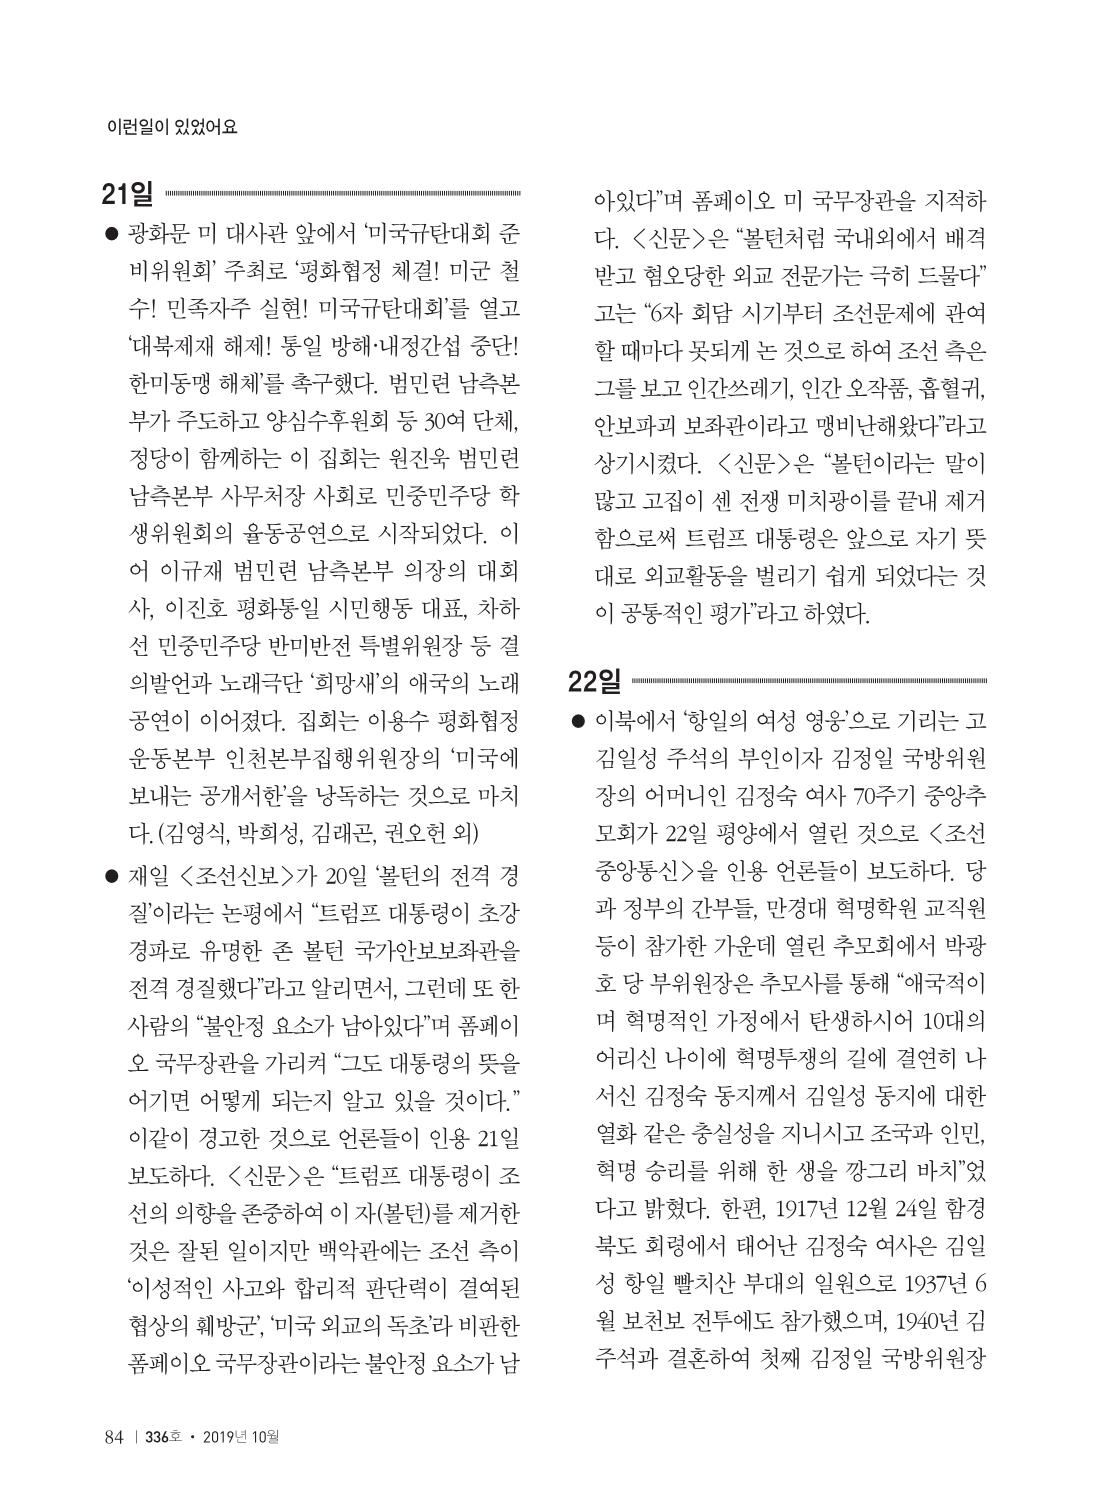 154780e2-c93e-4795-937d-bbcc14642e29.pdf-0086.jpg